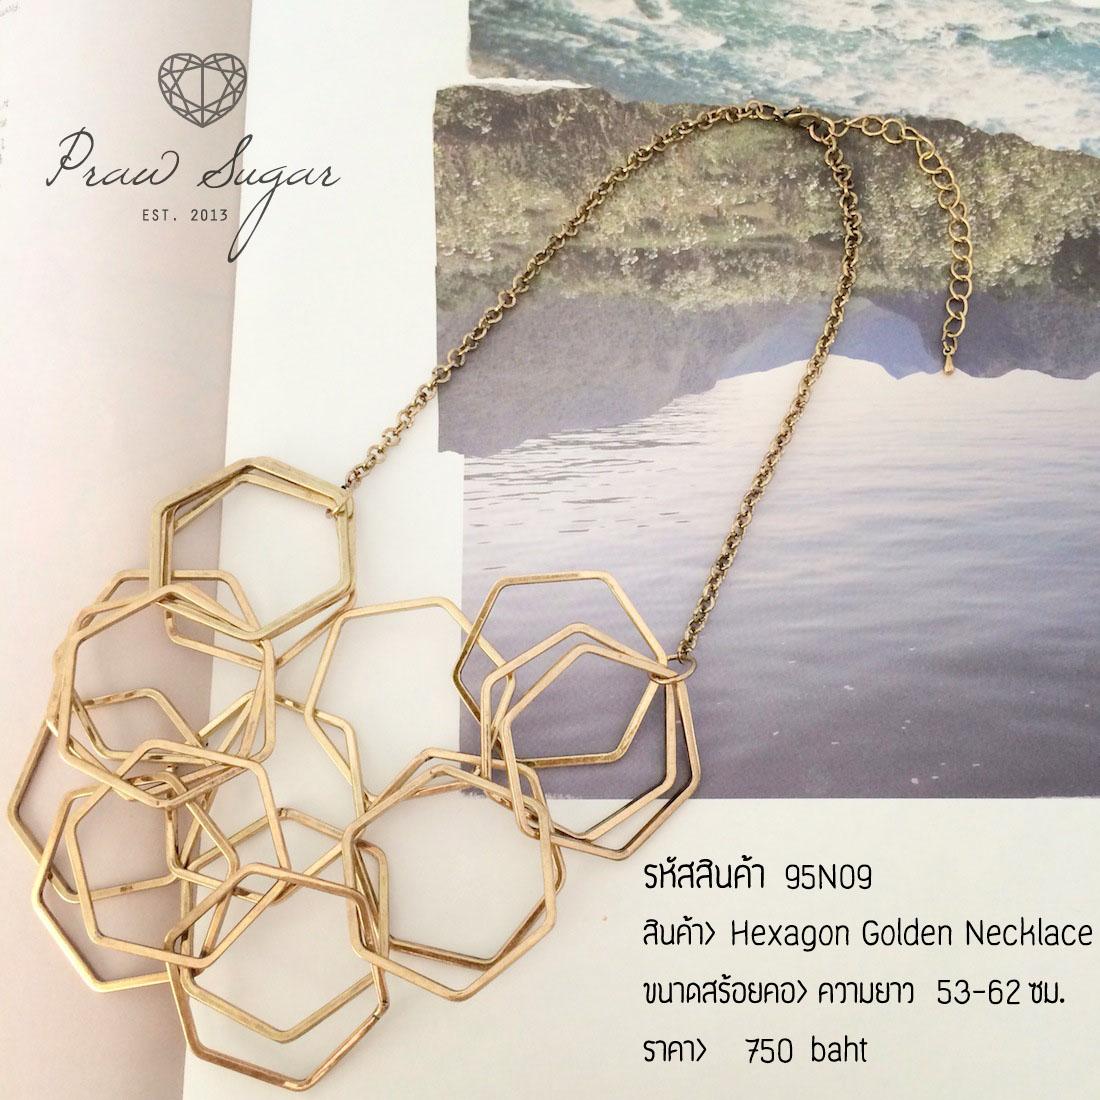 Hexagon Golden Necklace